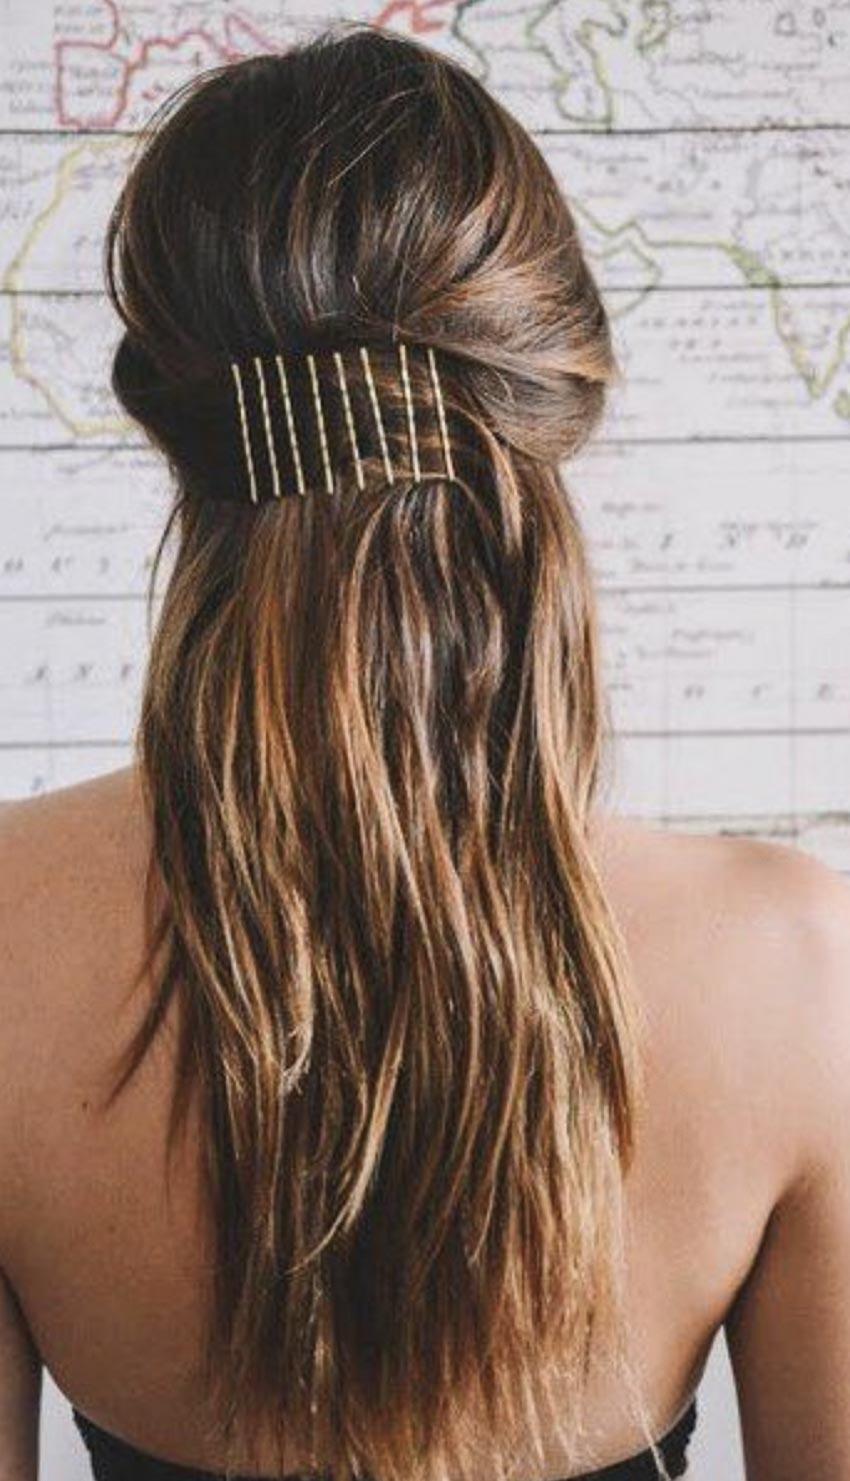 Những chiếc kẹp tăm giúp tóc dài thêm đẹp 7